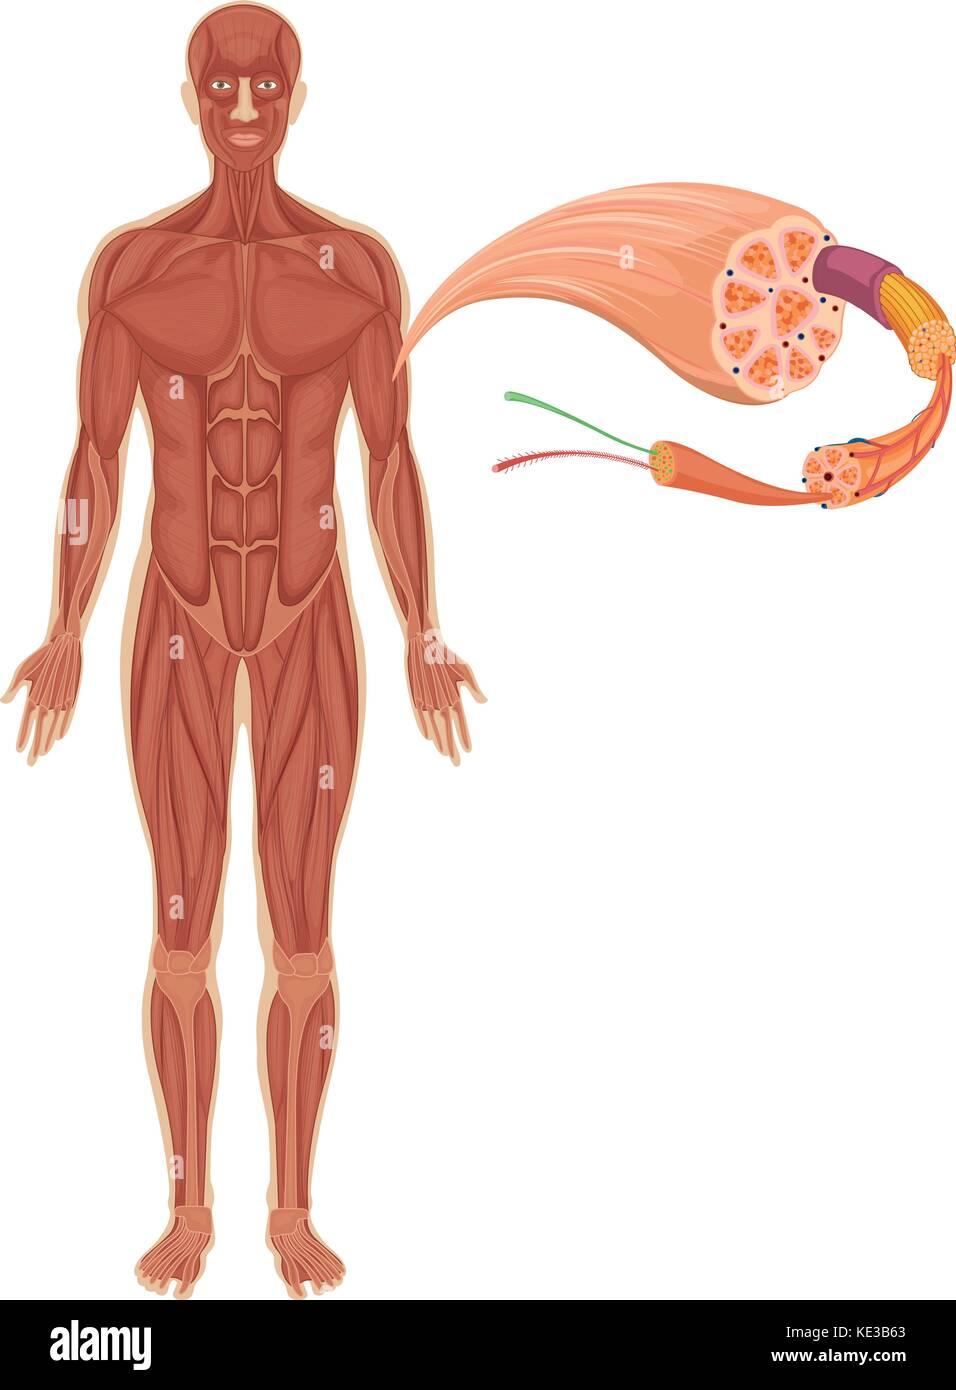 Schön Diagramm Der Inneren Organe Des Menschlichen Körpers Bilder ...